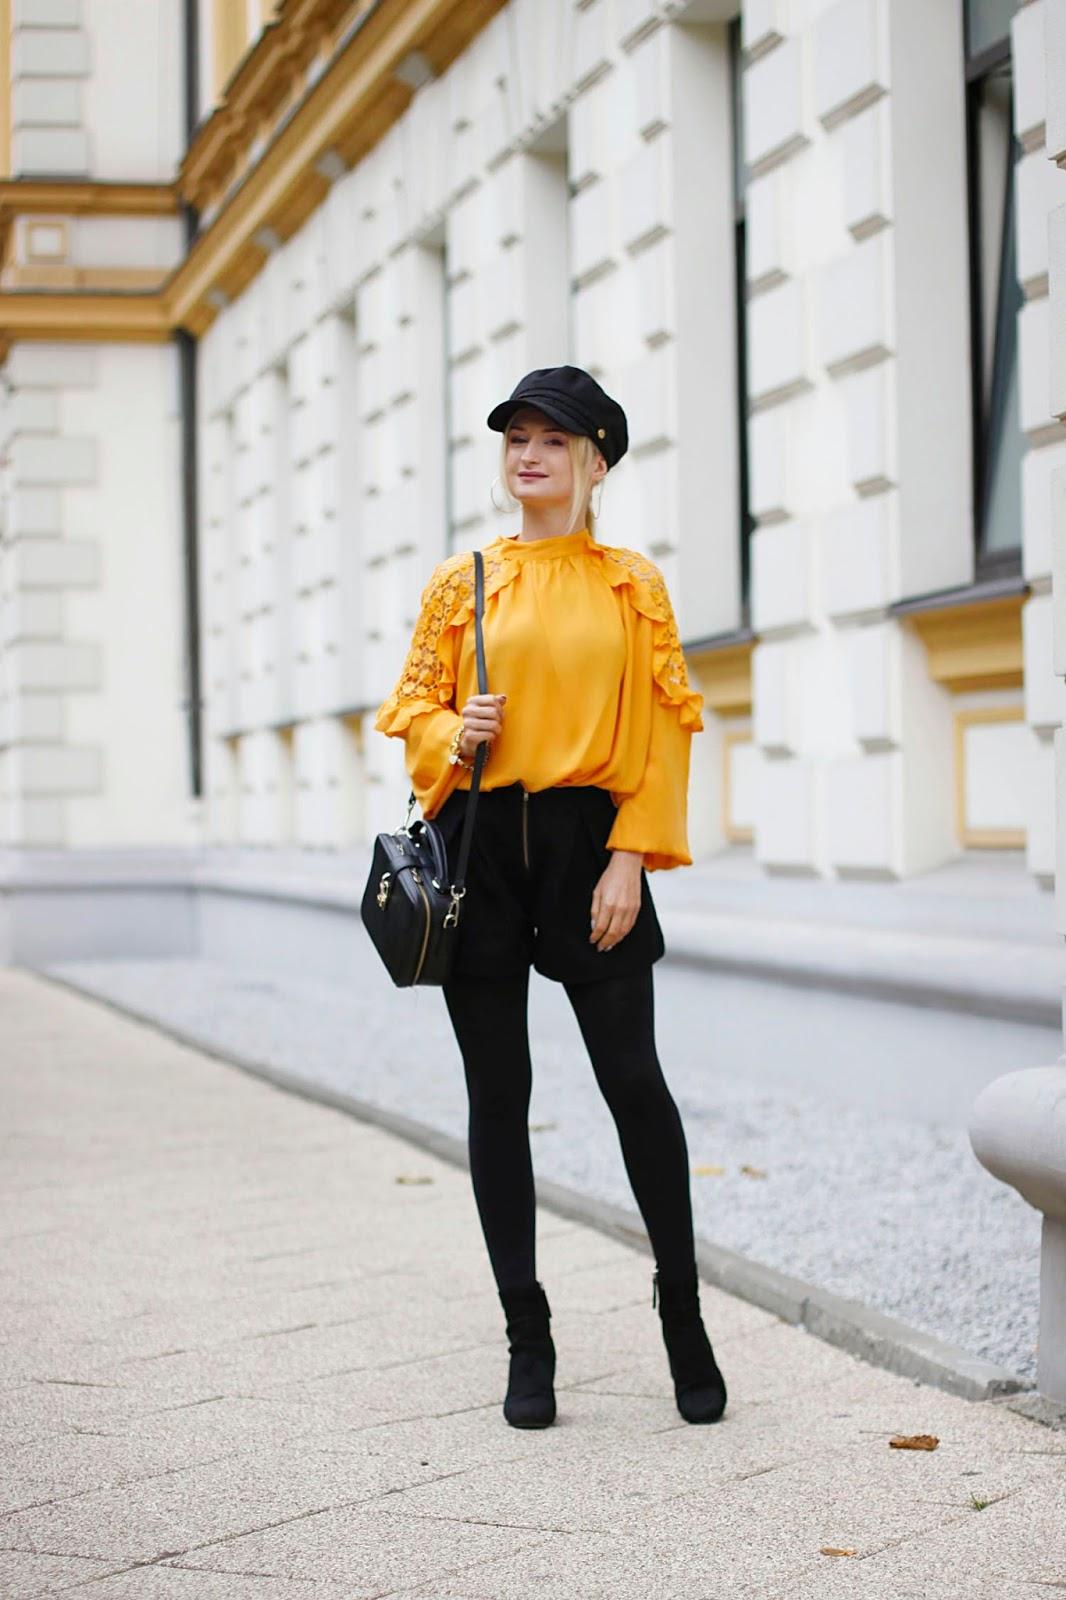 Żółty, to nie jest kolor dla blondynek?